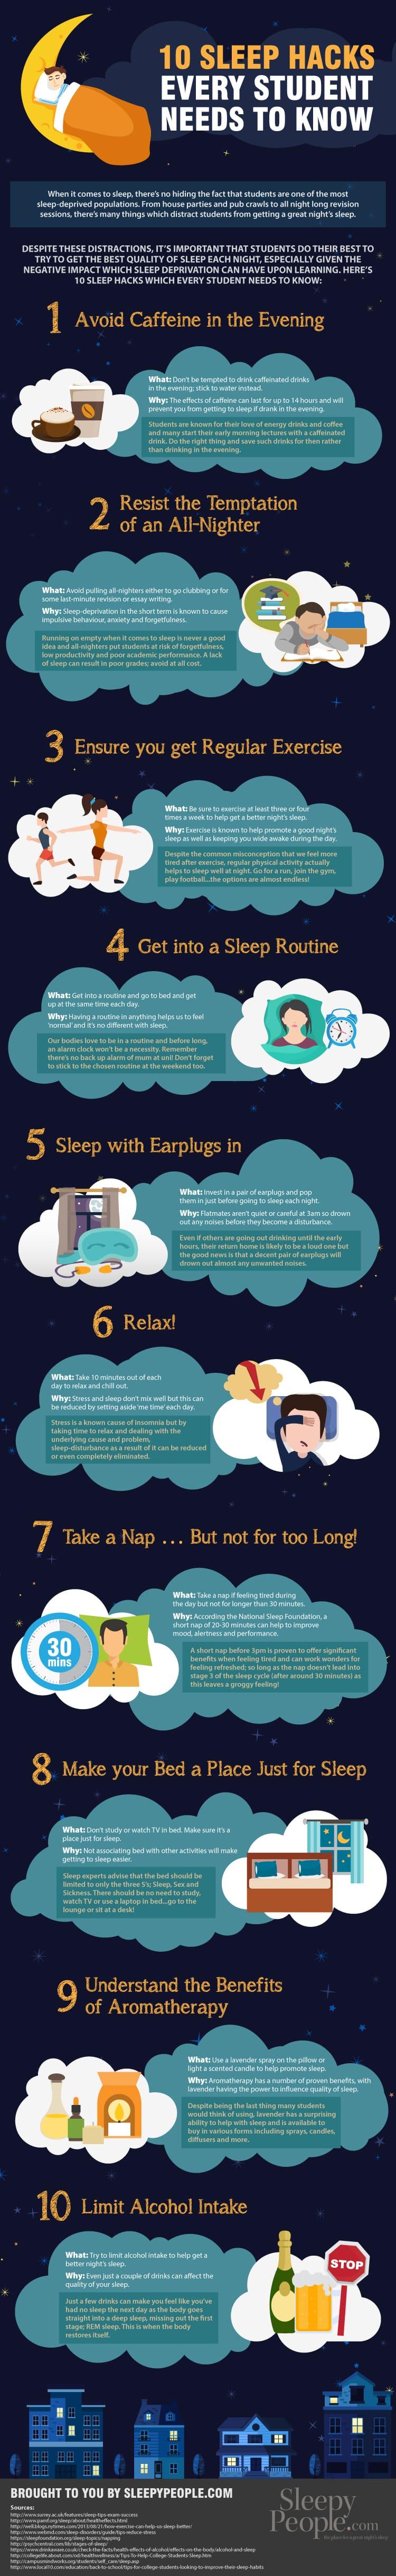 10-student-sleep-hacks